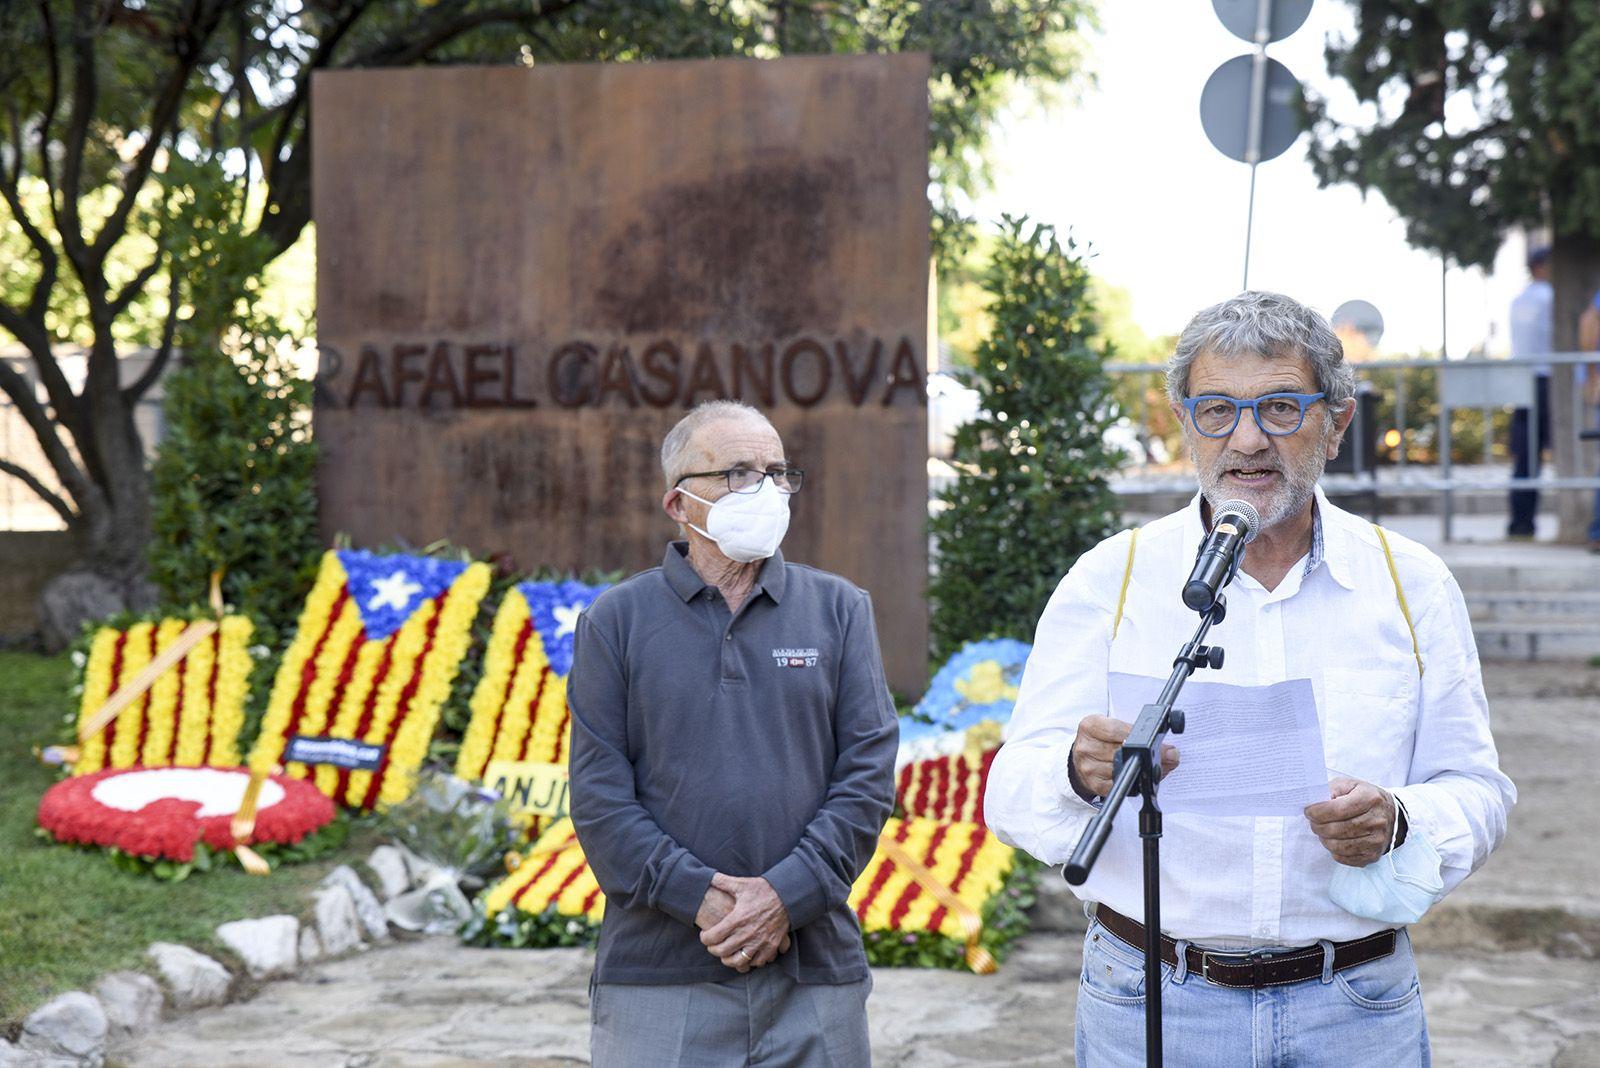 Ofrena floral del Ateneu al monument de Rafael Casanova. Foto: Bernat Millet.